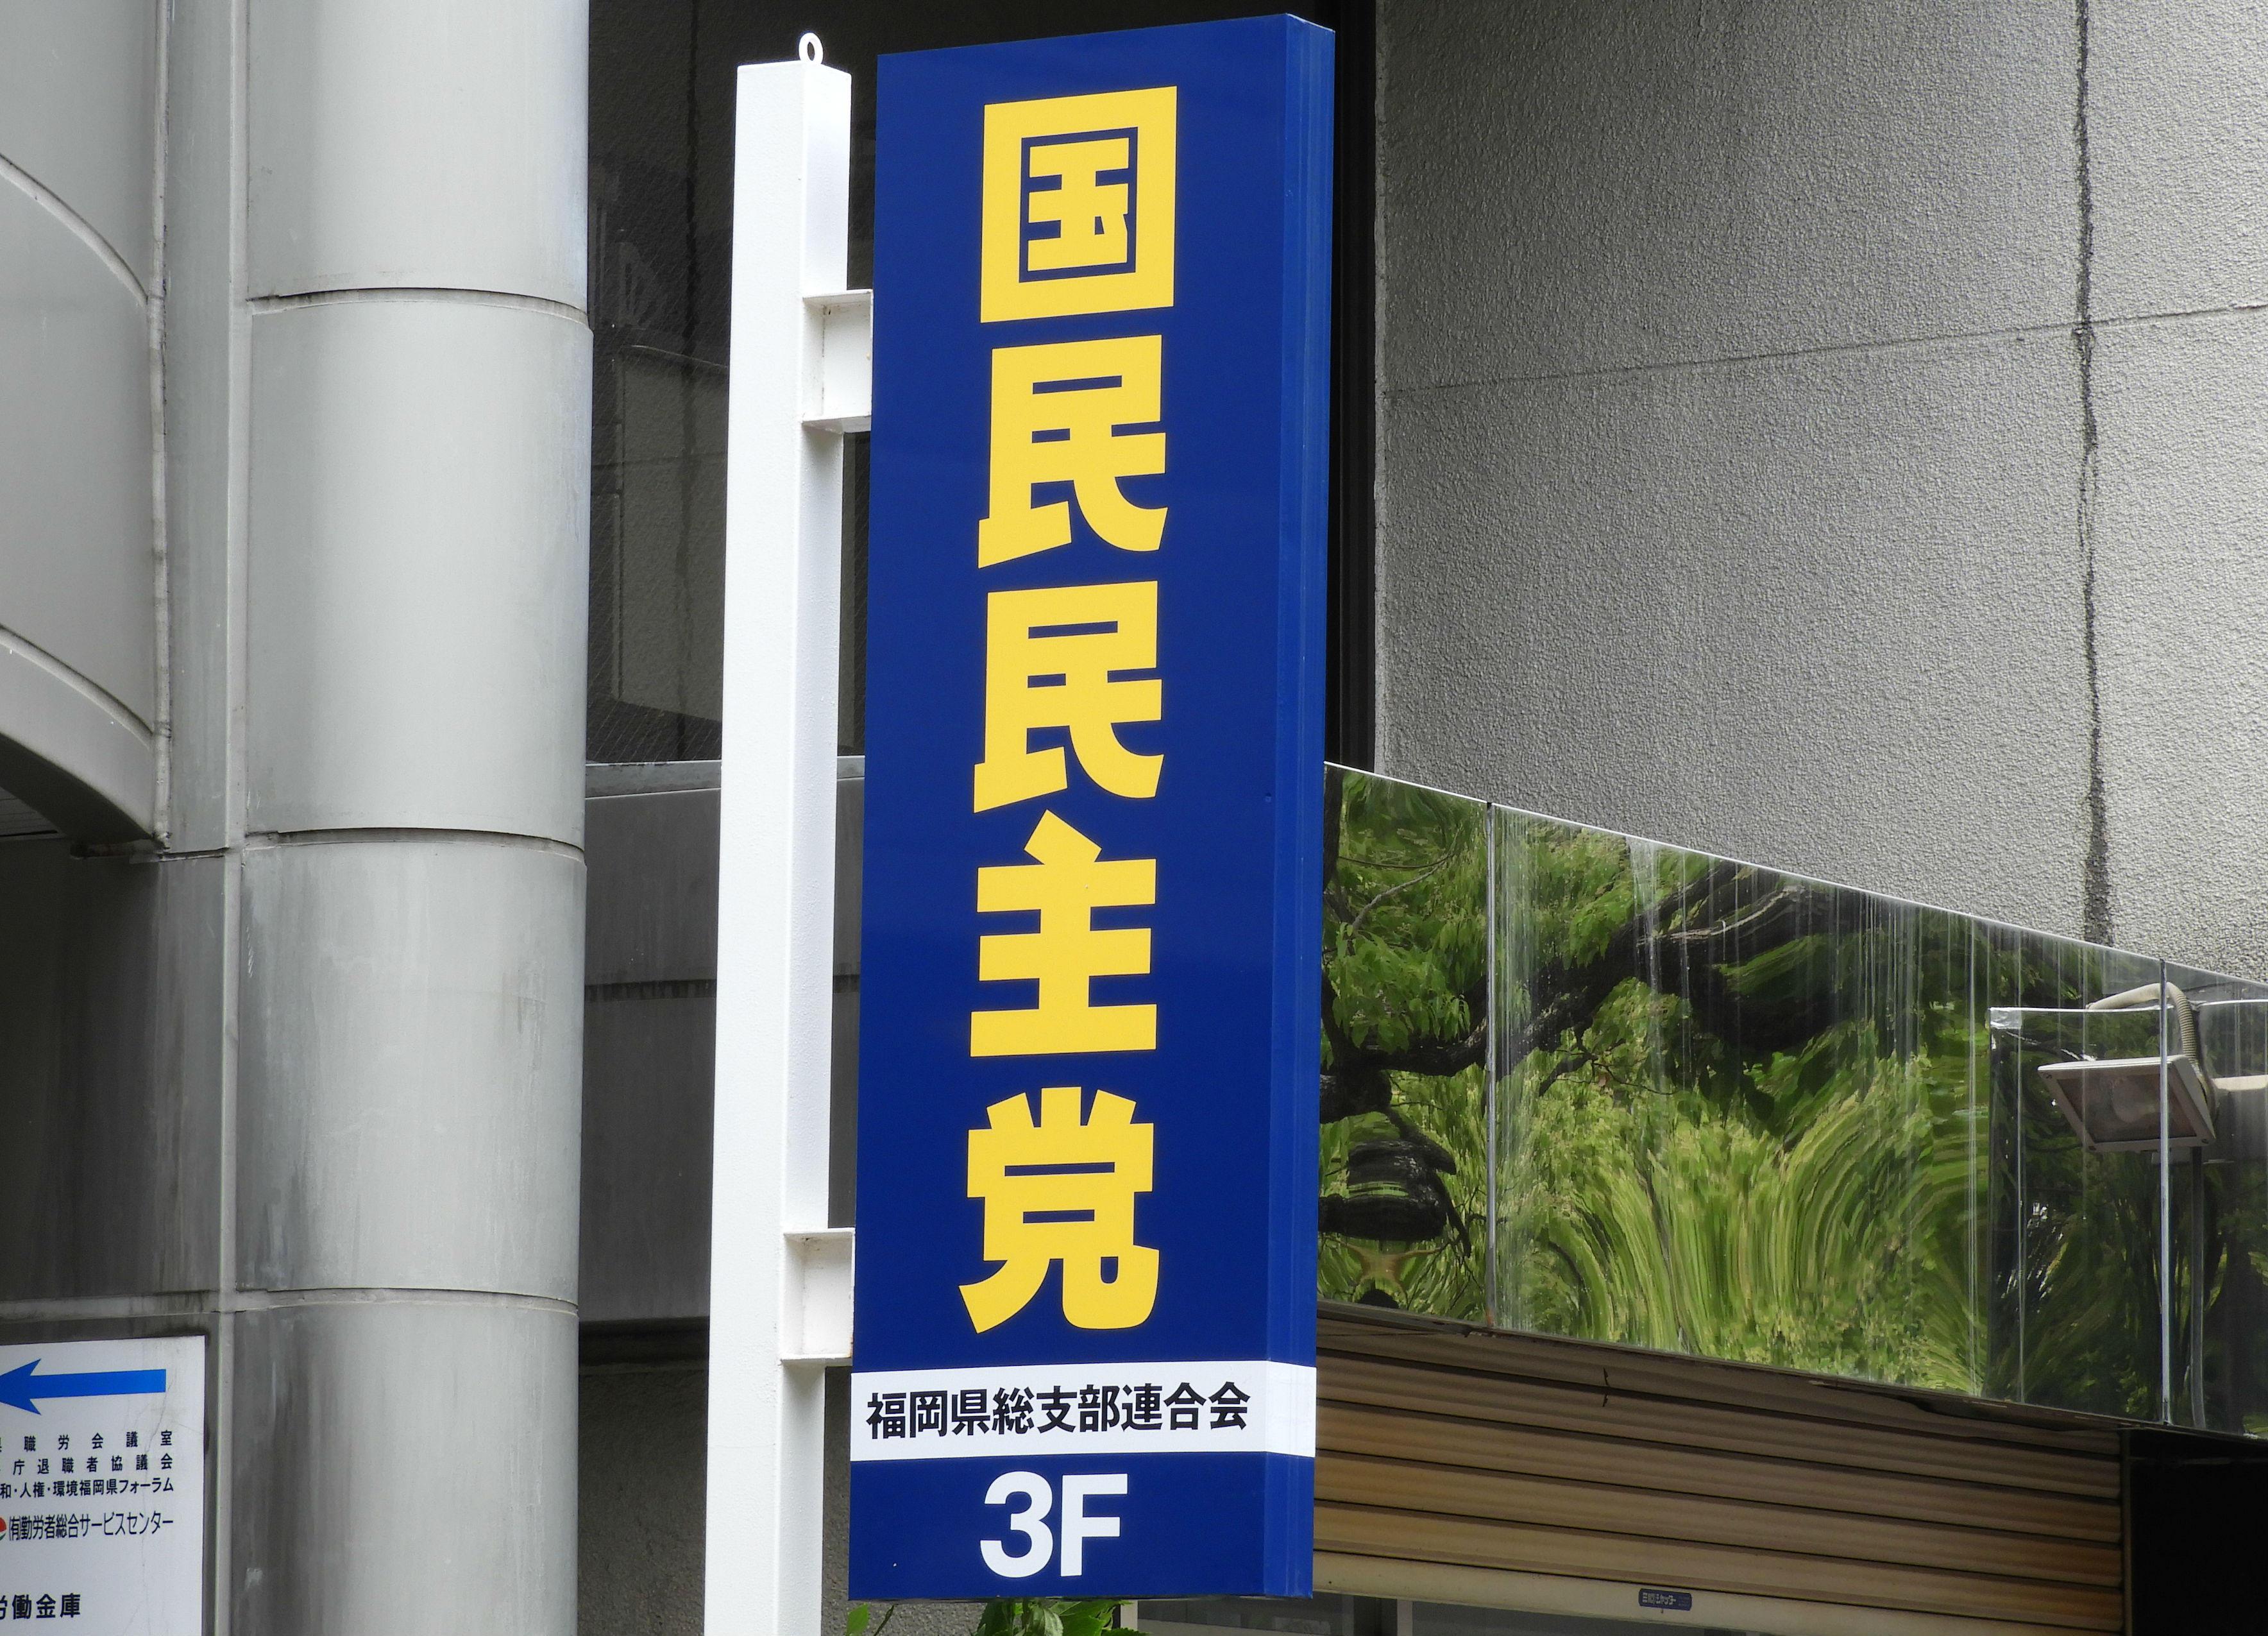 http://hunter-investigate.jp/news/DSCN0944--1.jpg